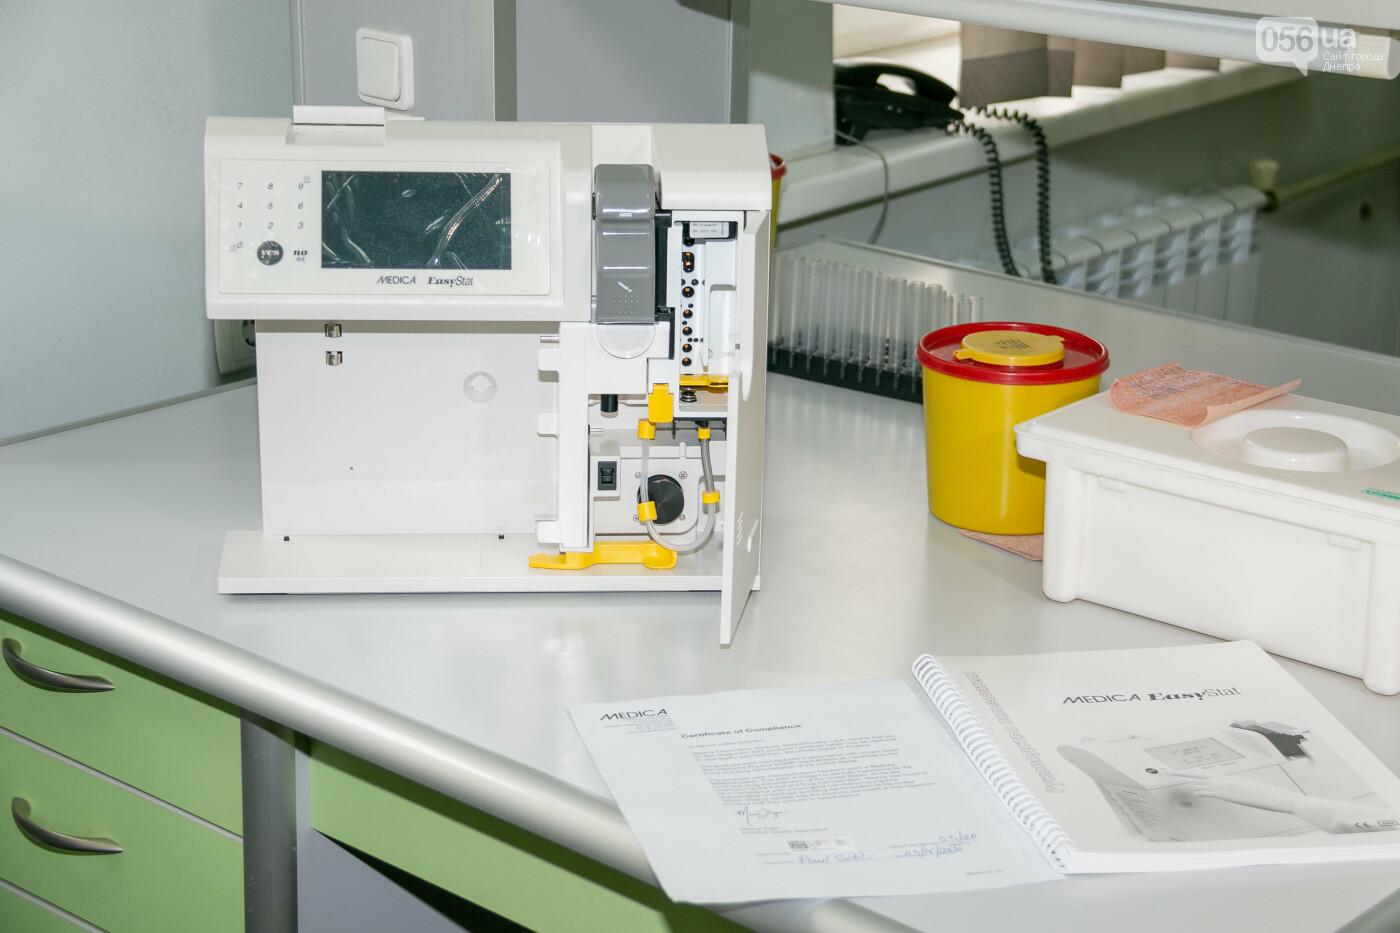 Кислород для пациентов с пневмонией: ИНТЕРПАЙП и БФ «Відродження регіону» передали в госпитальные базы Днепра и области ценное оборудование, фото-9